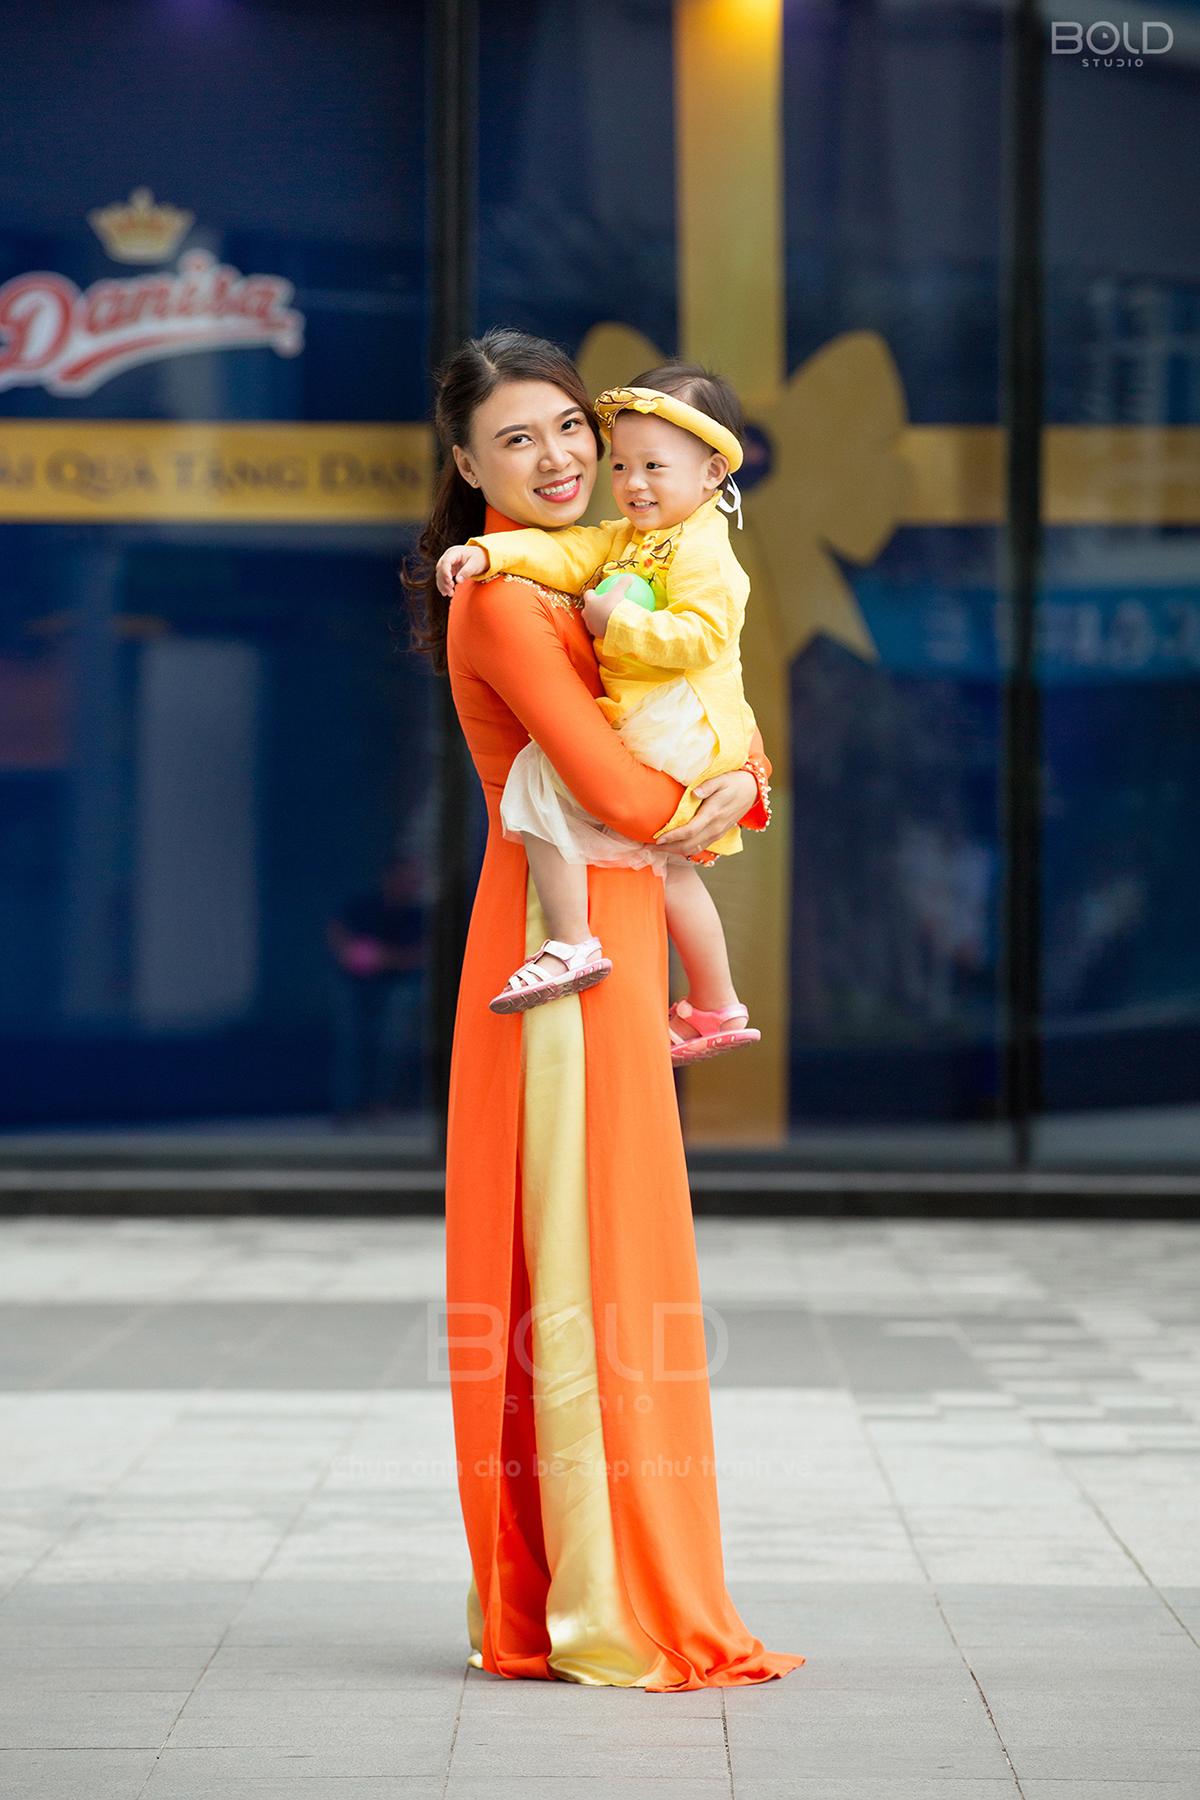 chụp hình mẹ và bé